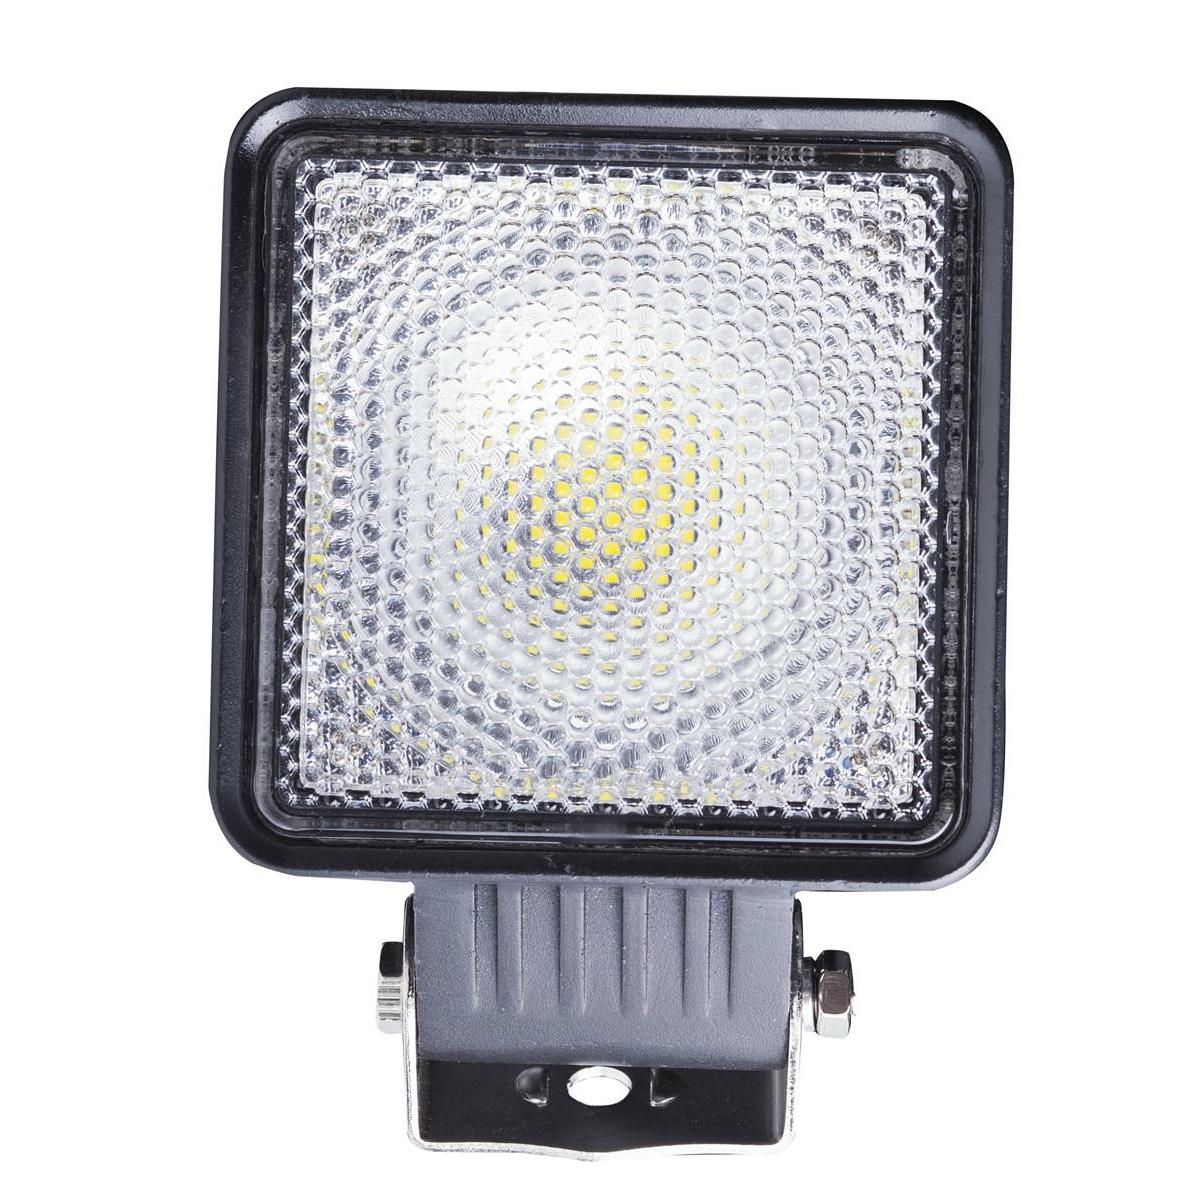 LED Arbeitsscheinwerfer LY8030 12V 24V 30W IP67 eckig schwarz